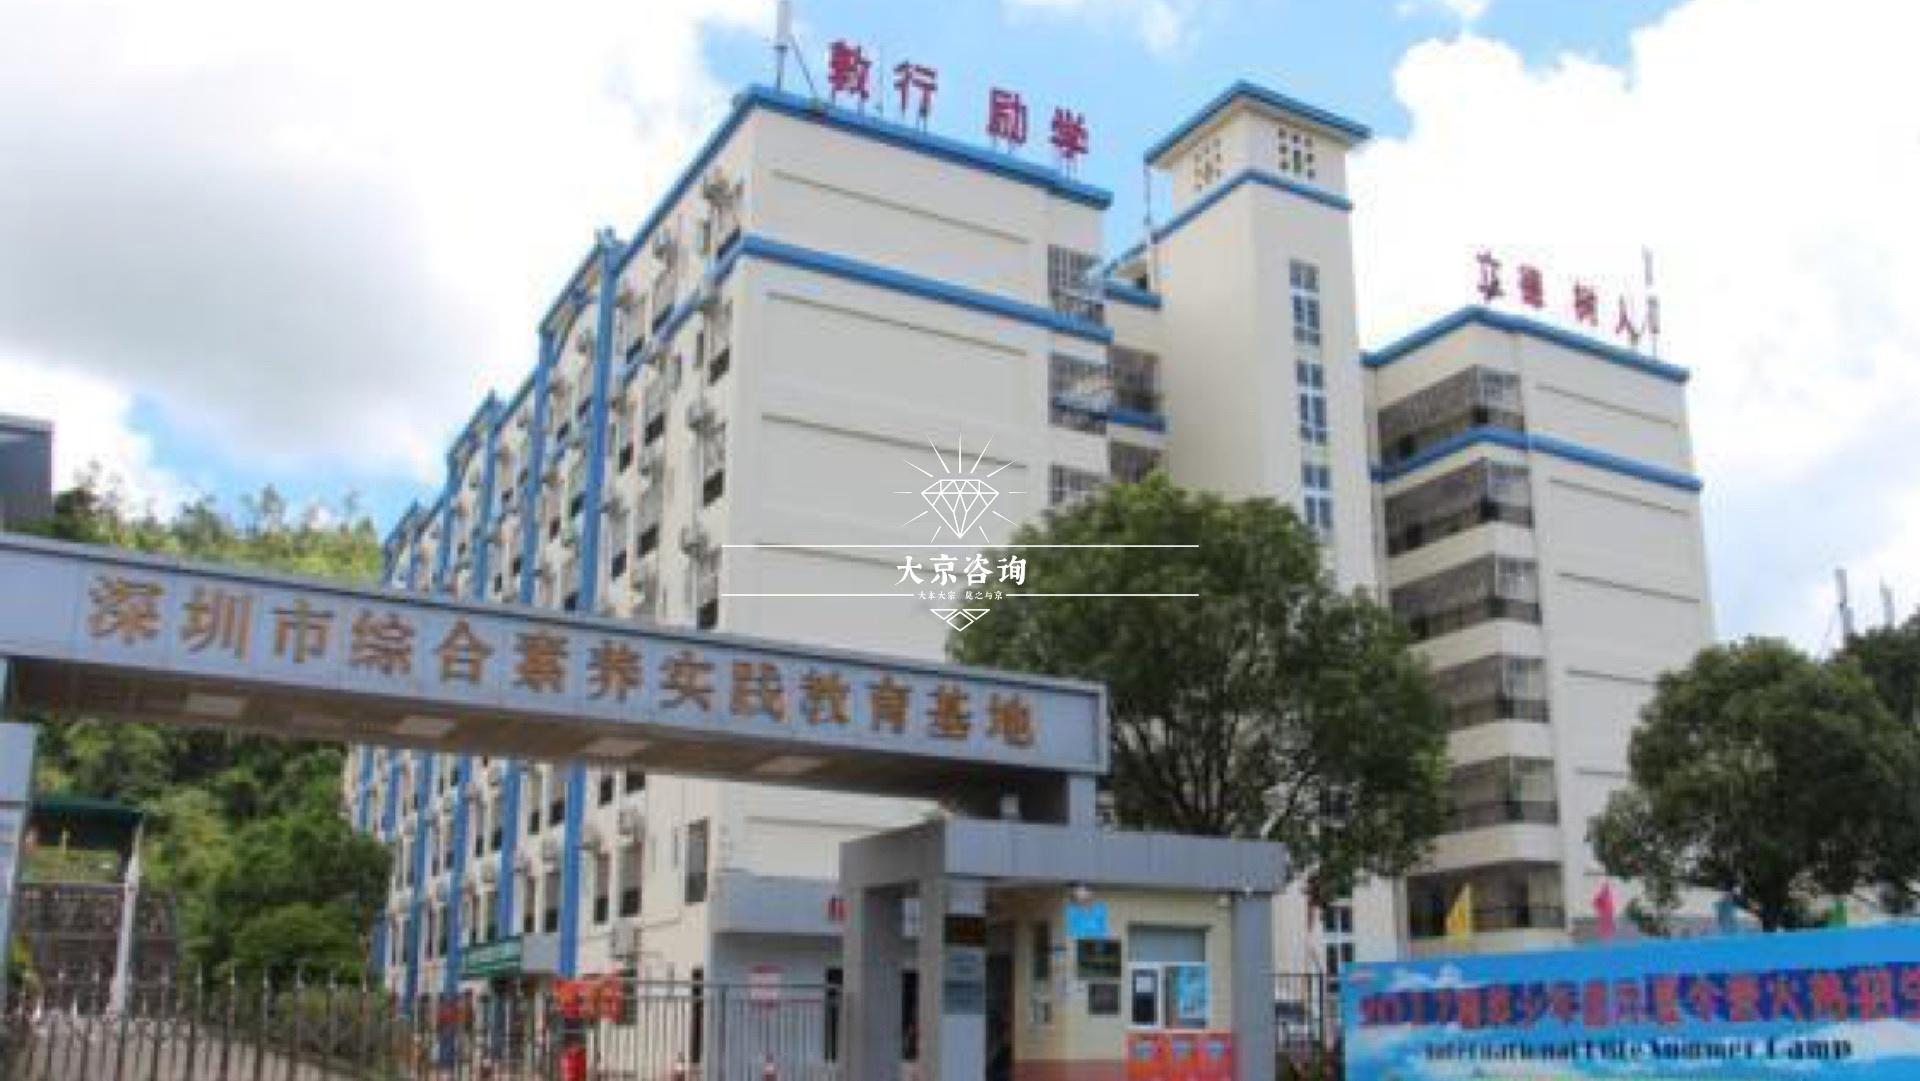 深圳市综合素养实践教育基地